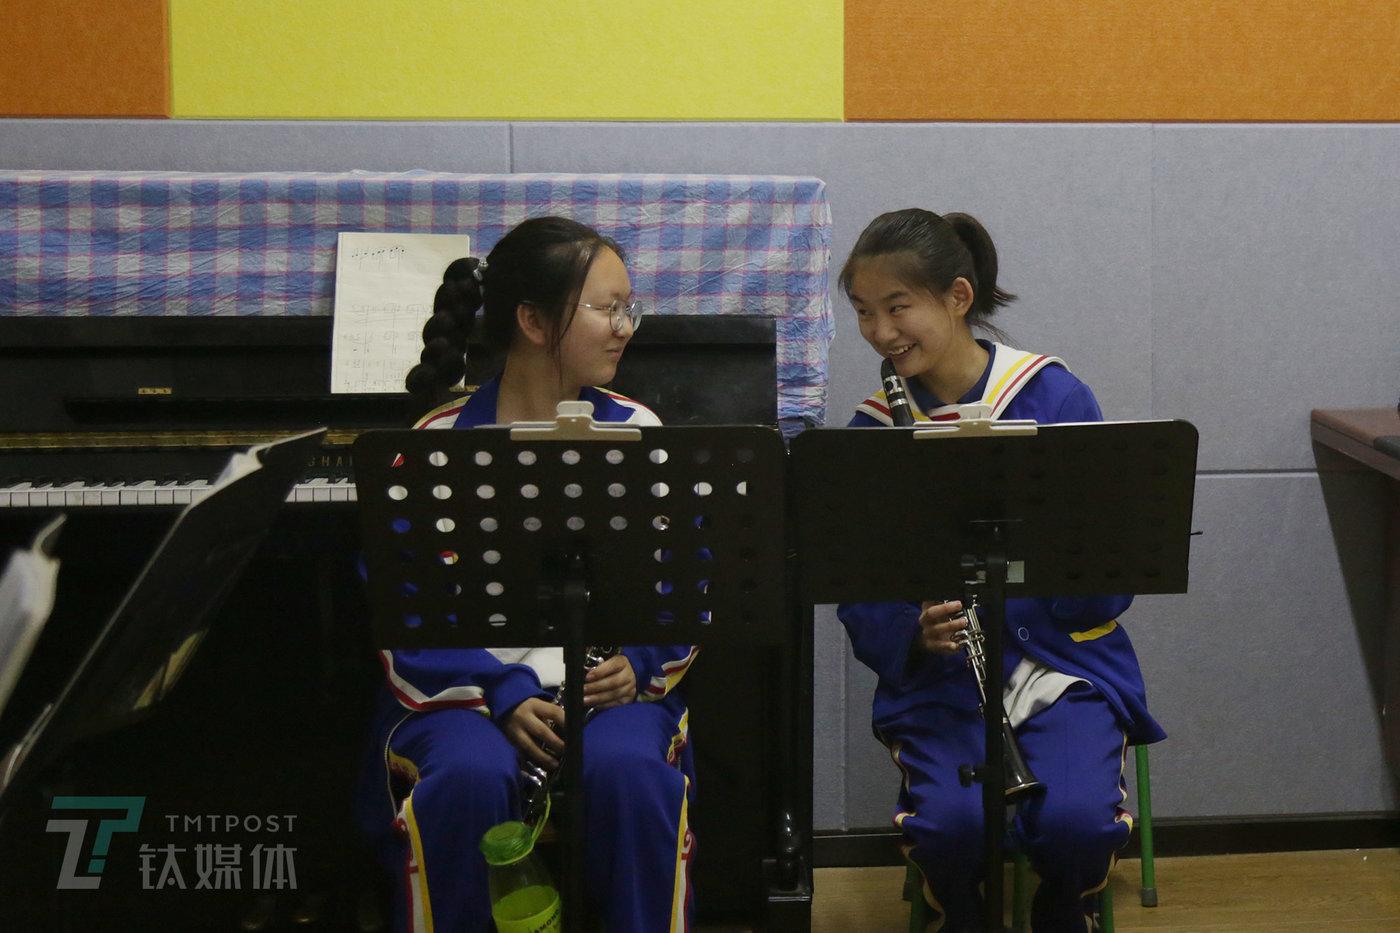 曾祺和同学在蒲公英中学周末的单簧管兴趣班上课。